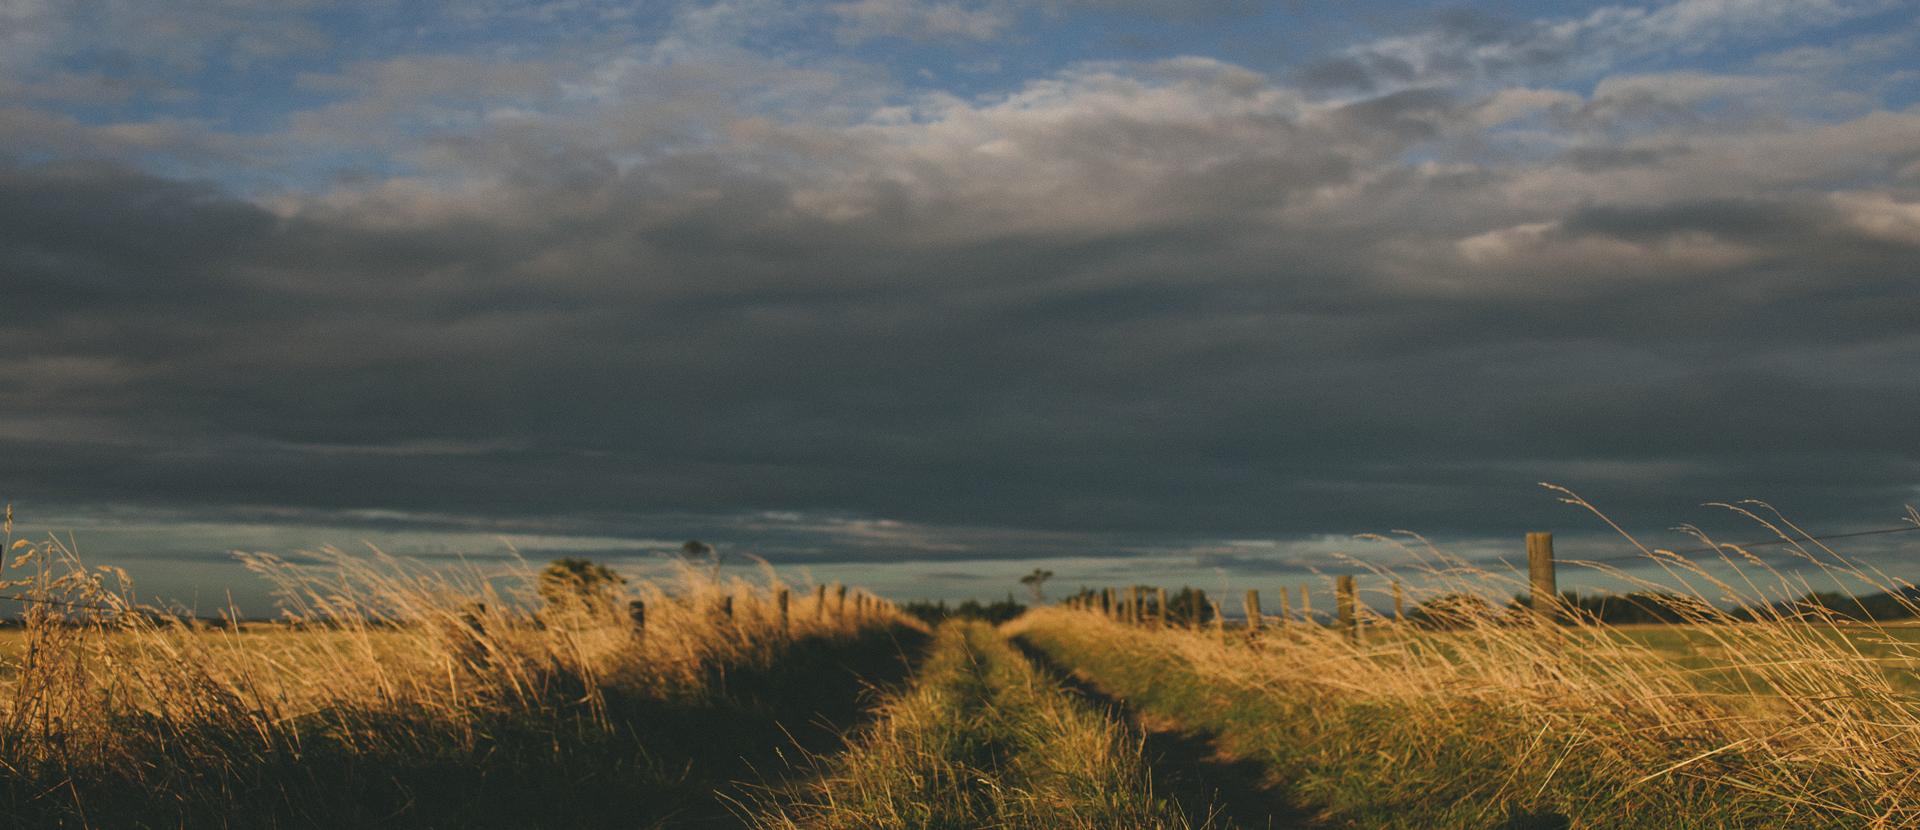 droga zdjęcie Źródło: licencja: CC 0.